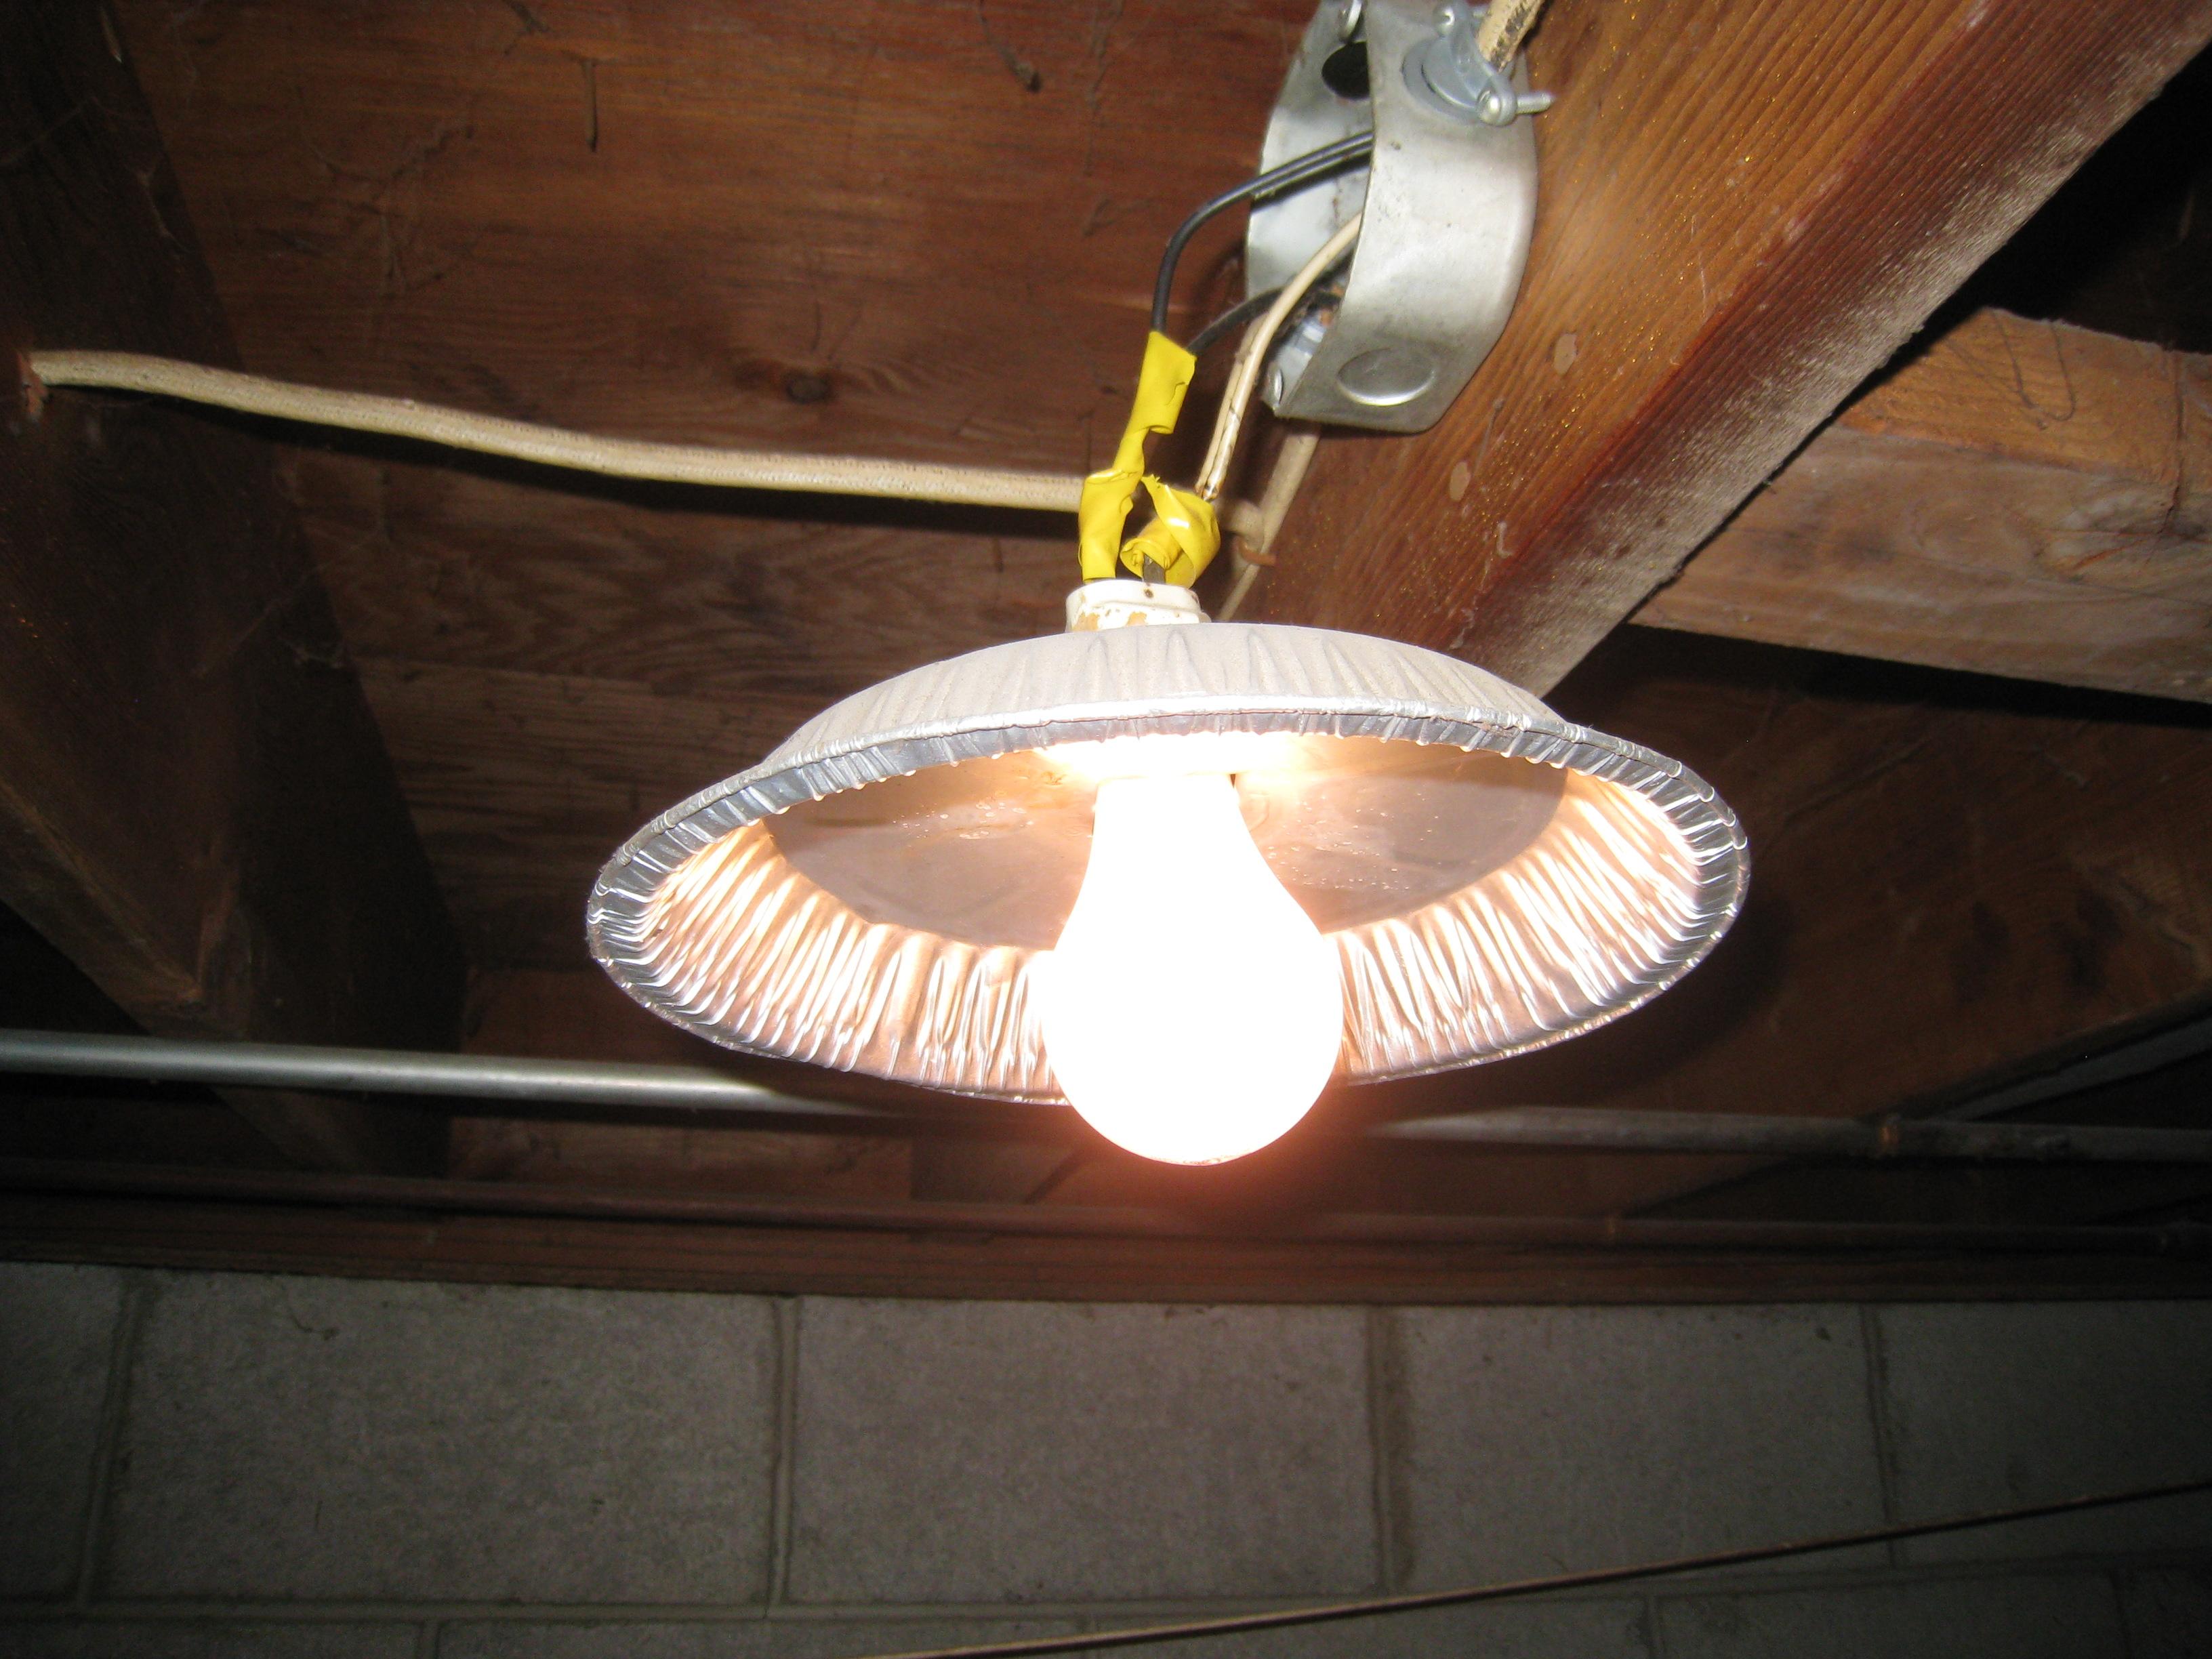 Oprawy oświetleniowe własnej roboty. (Fot.: All Points Inspection)